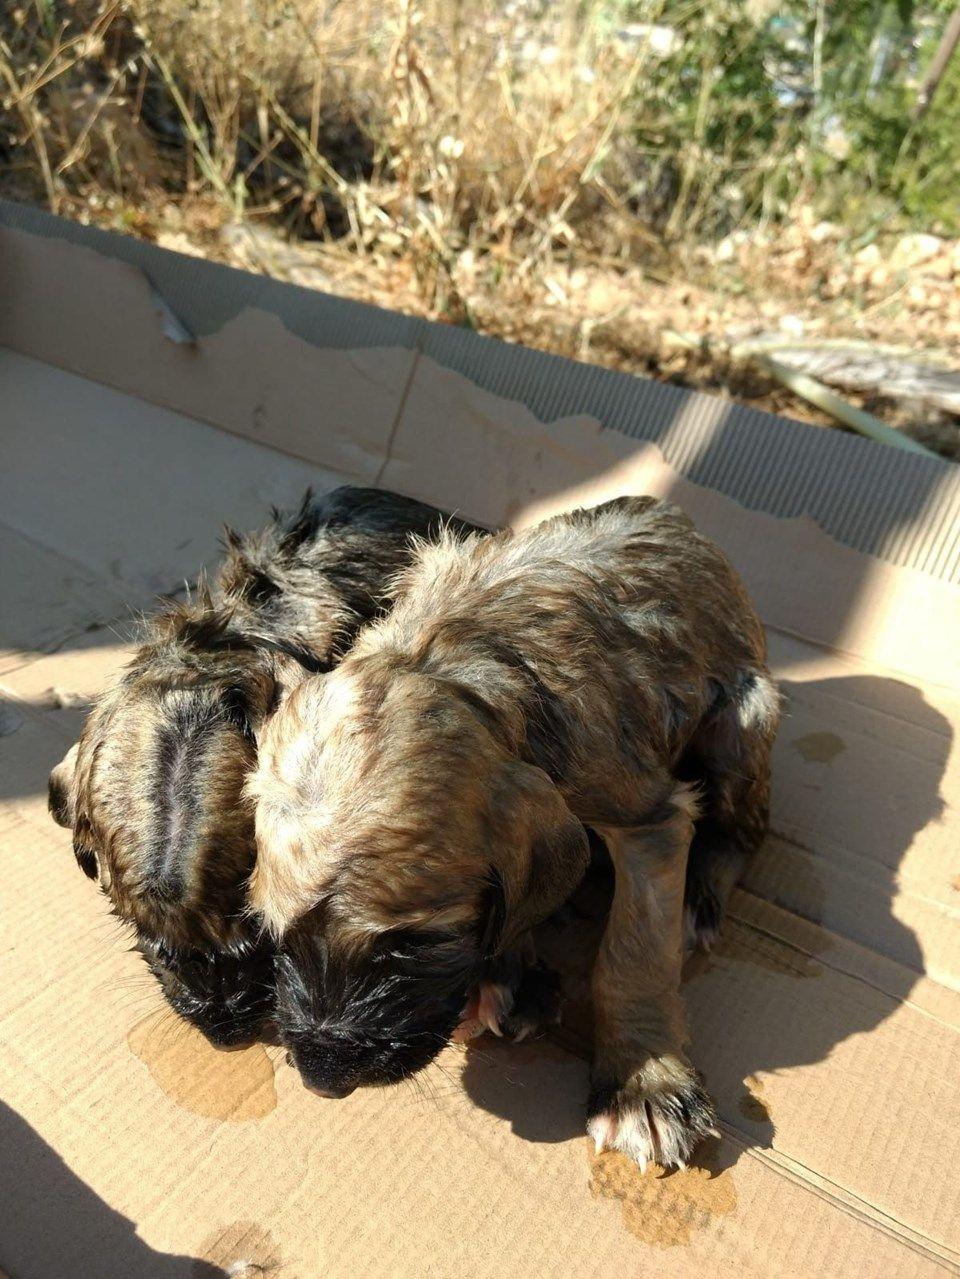 Yavru köpekleri çuvala koyup kuyuya attılar - Sayfa 2